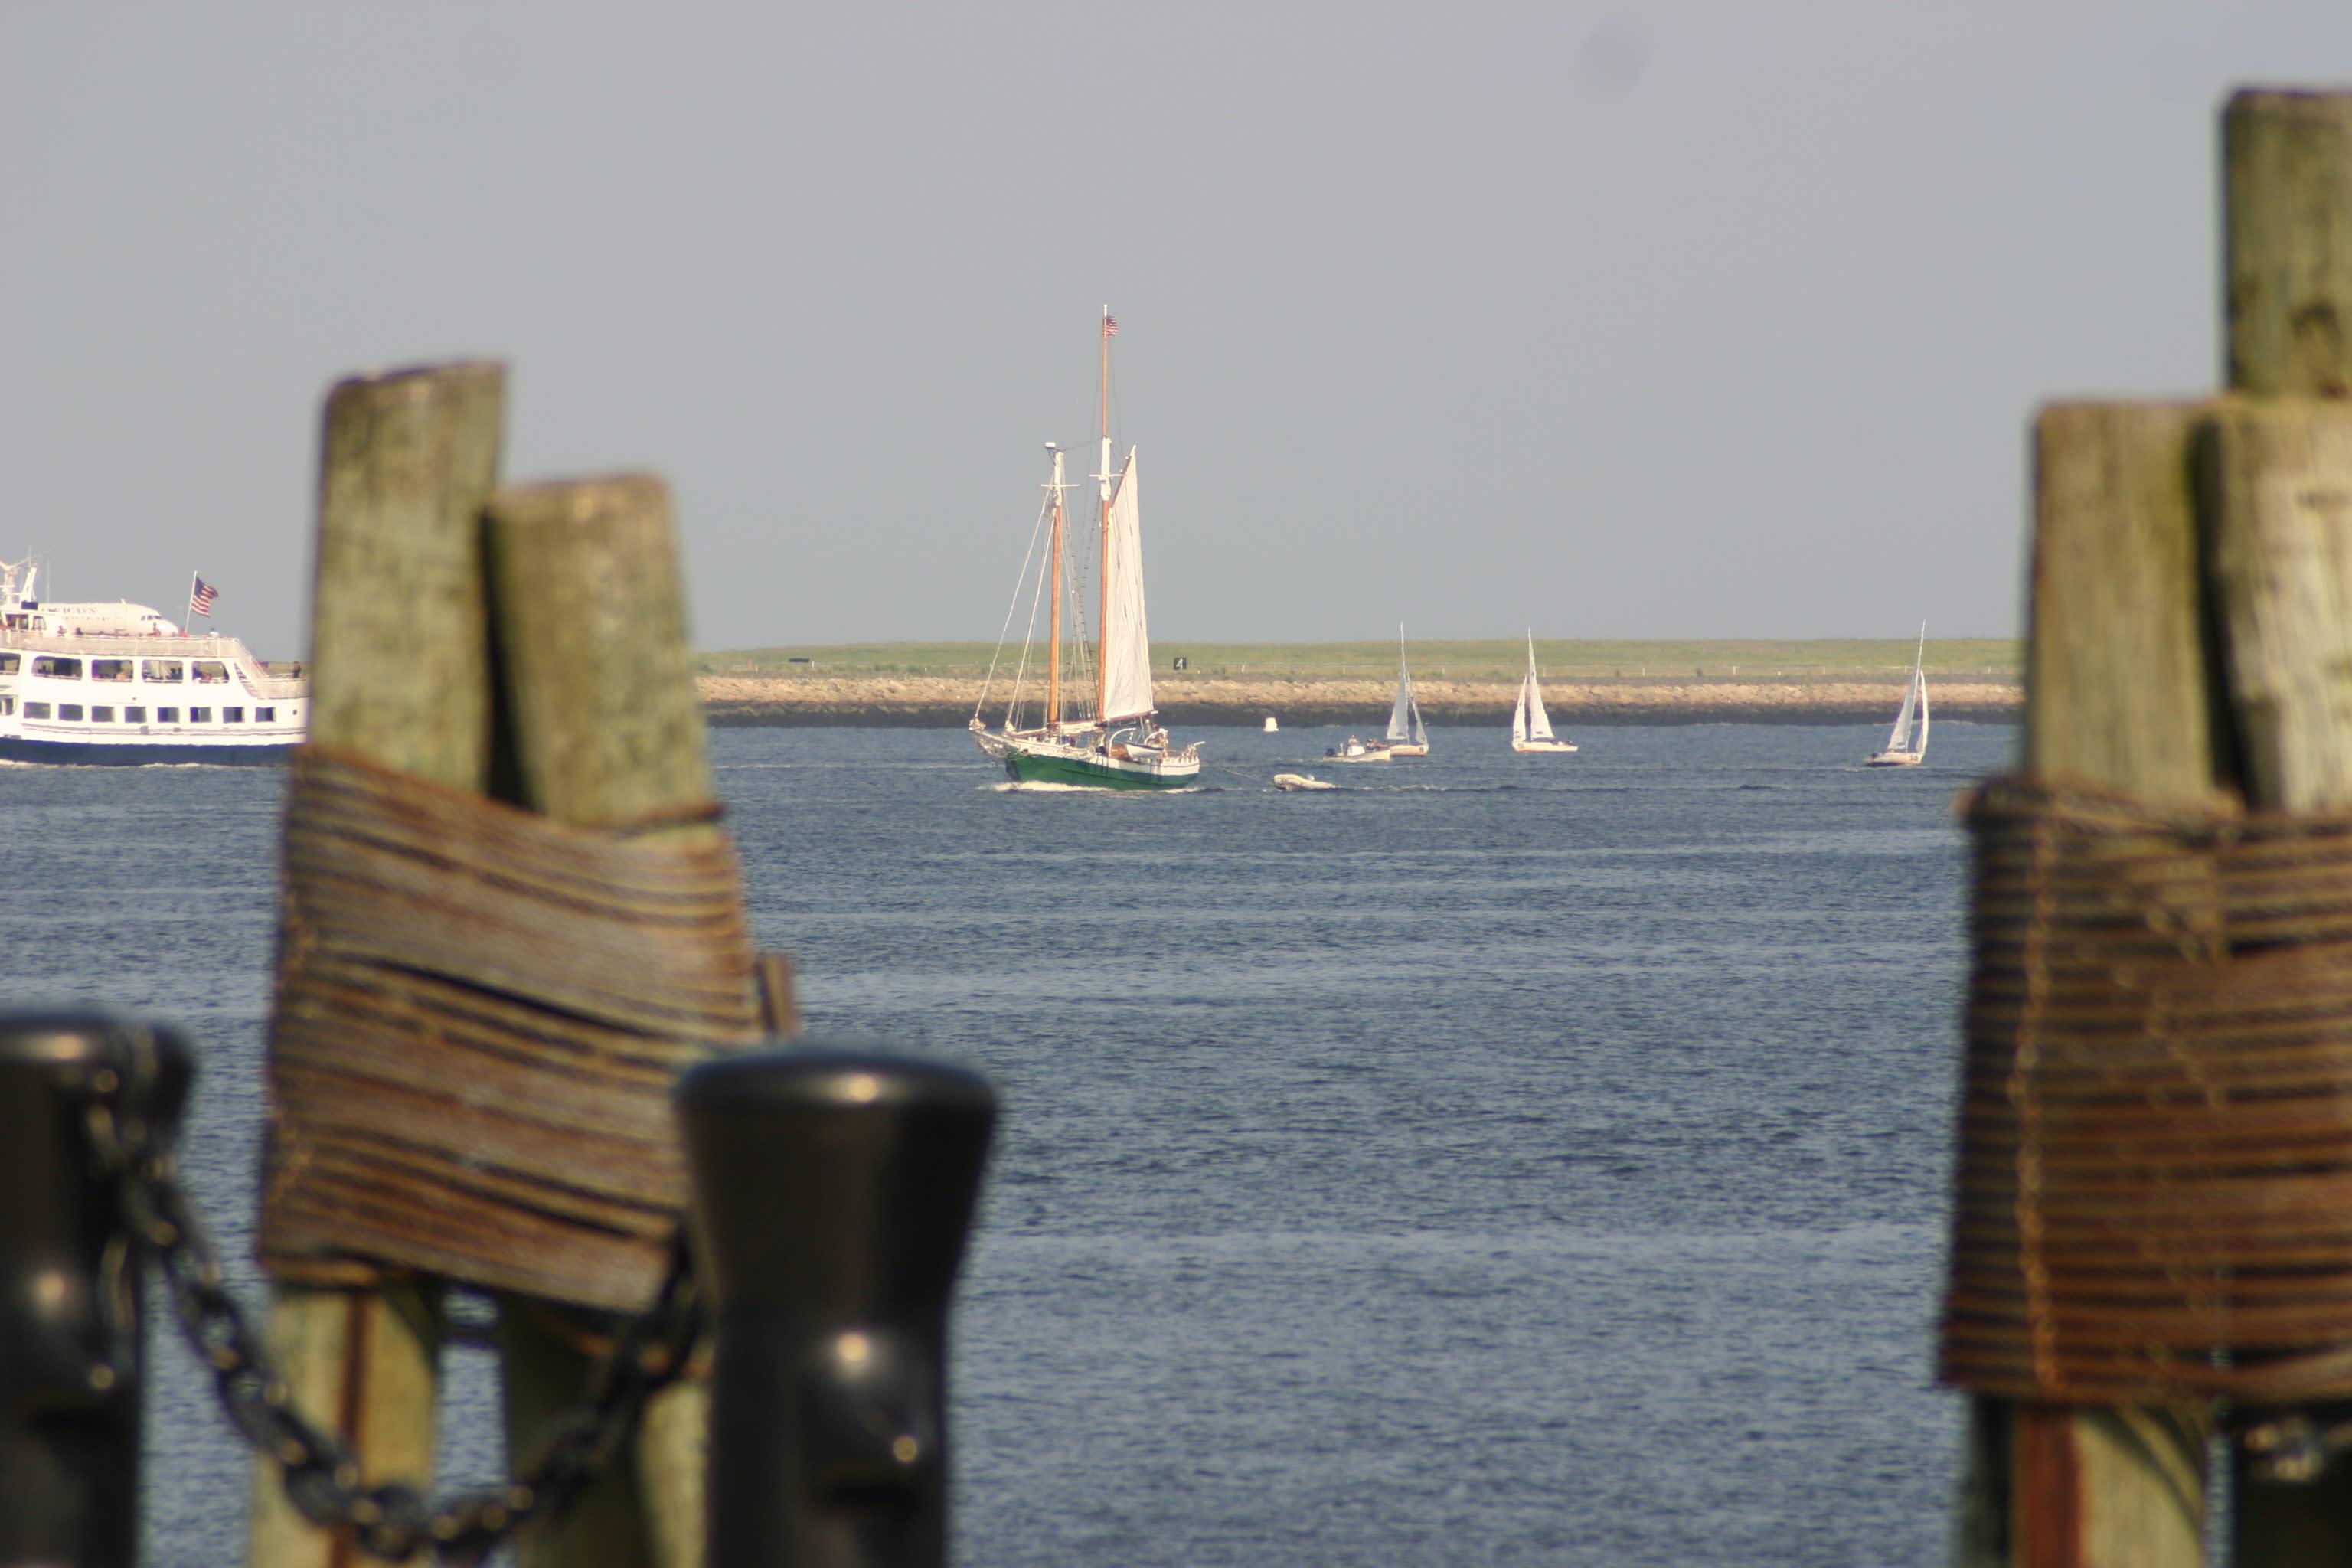 Boston Harbor Tall Ship Sailing